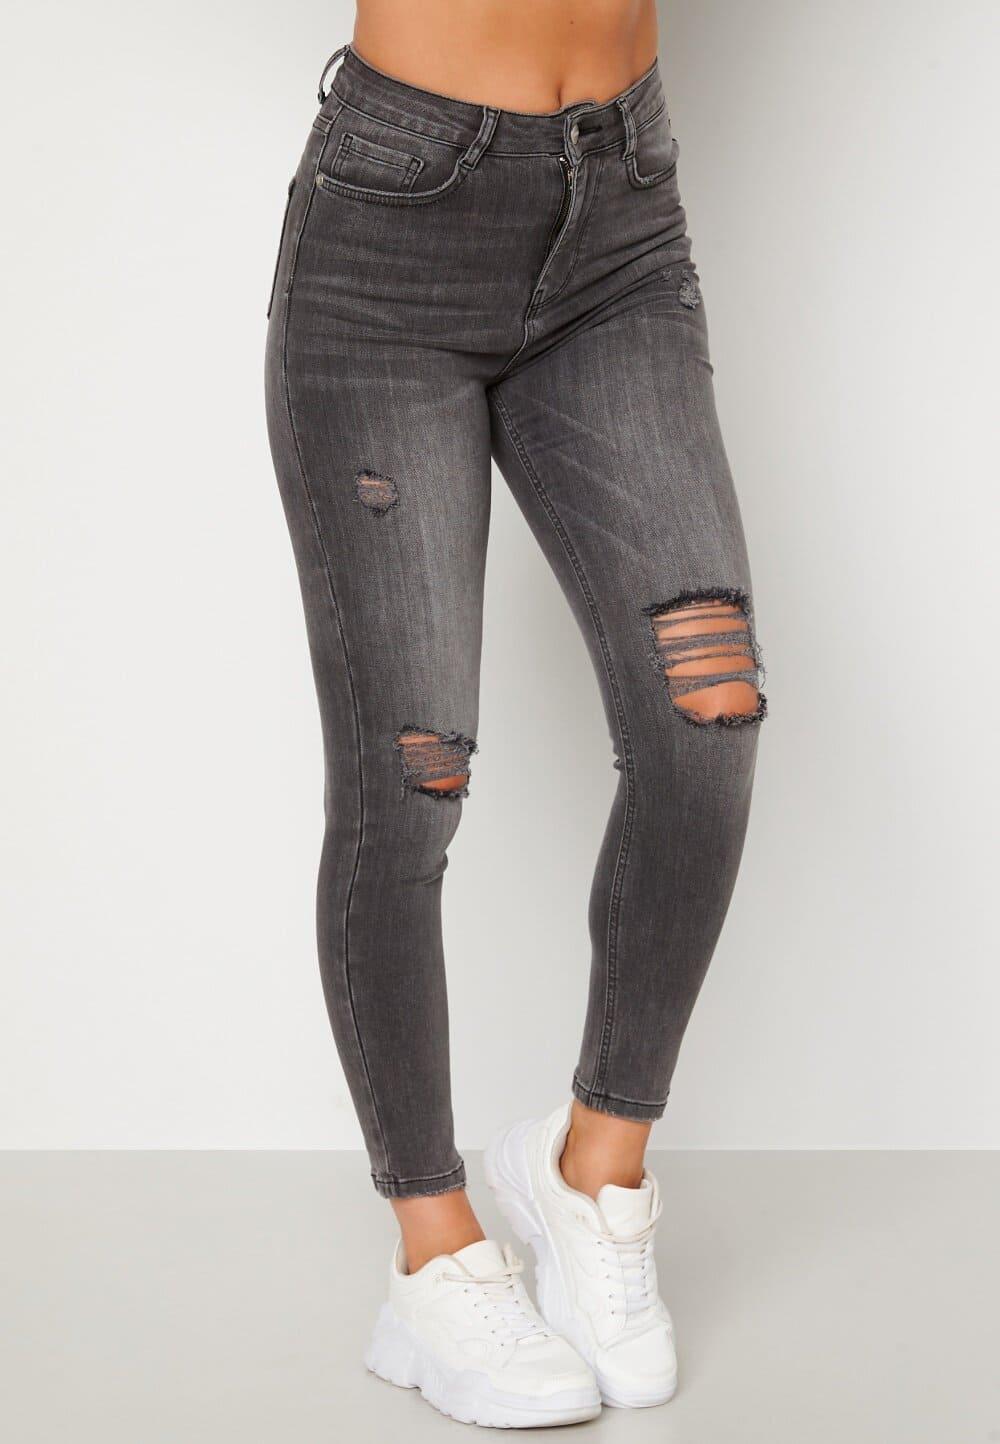 Snygga jeans i grå denim med slitningar på knäna.